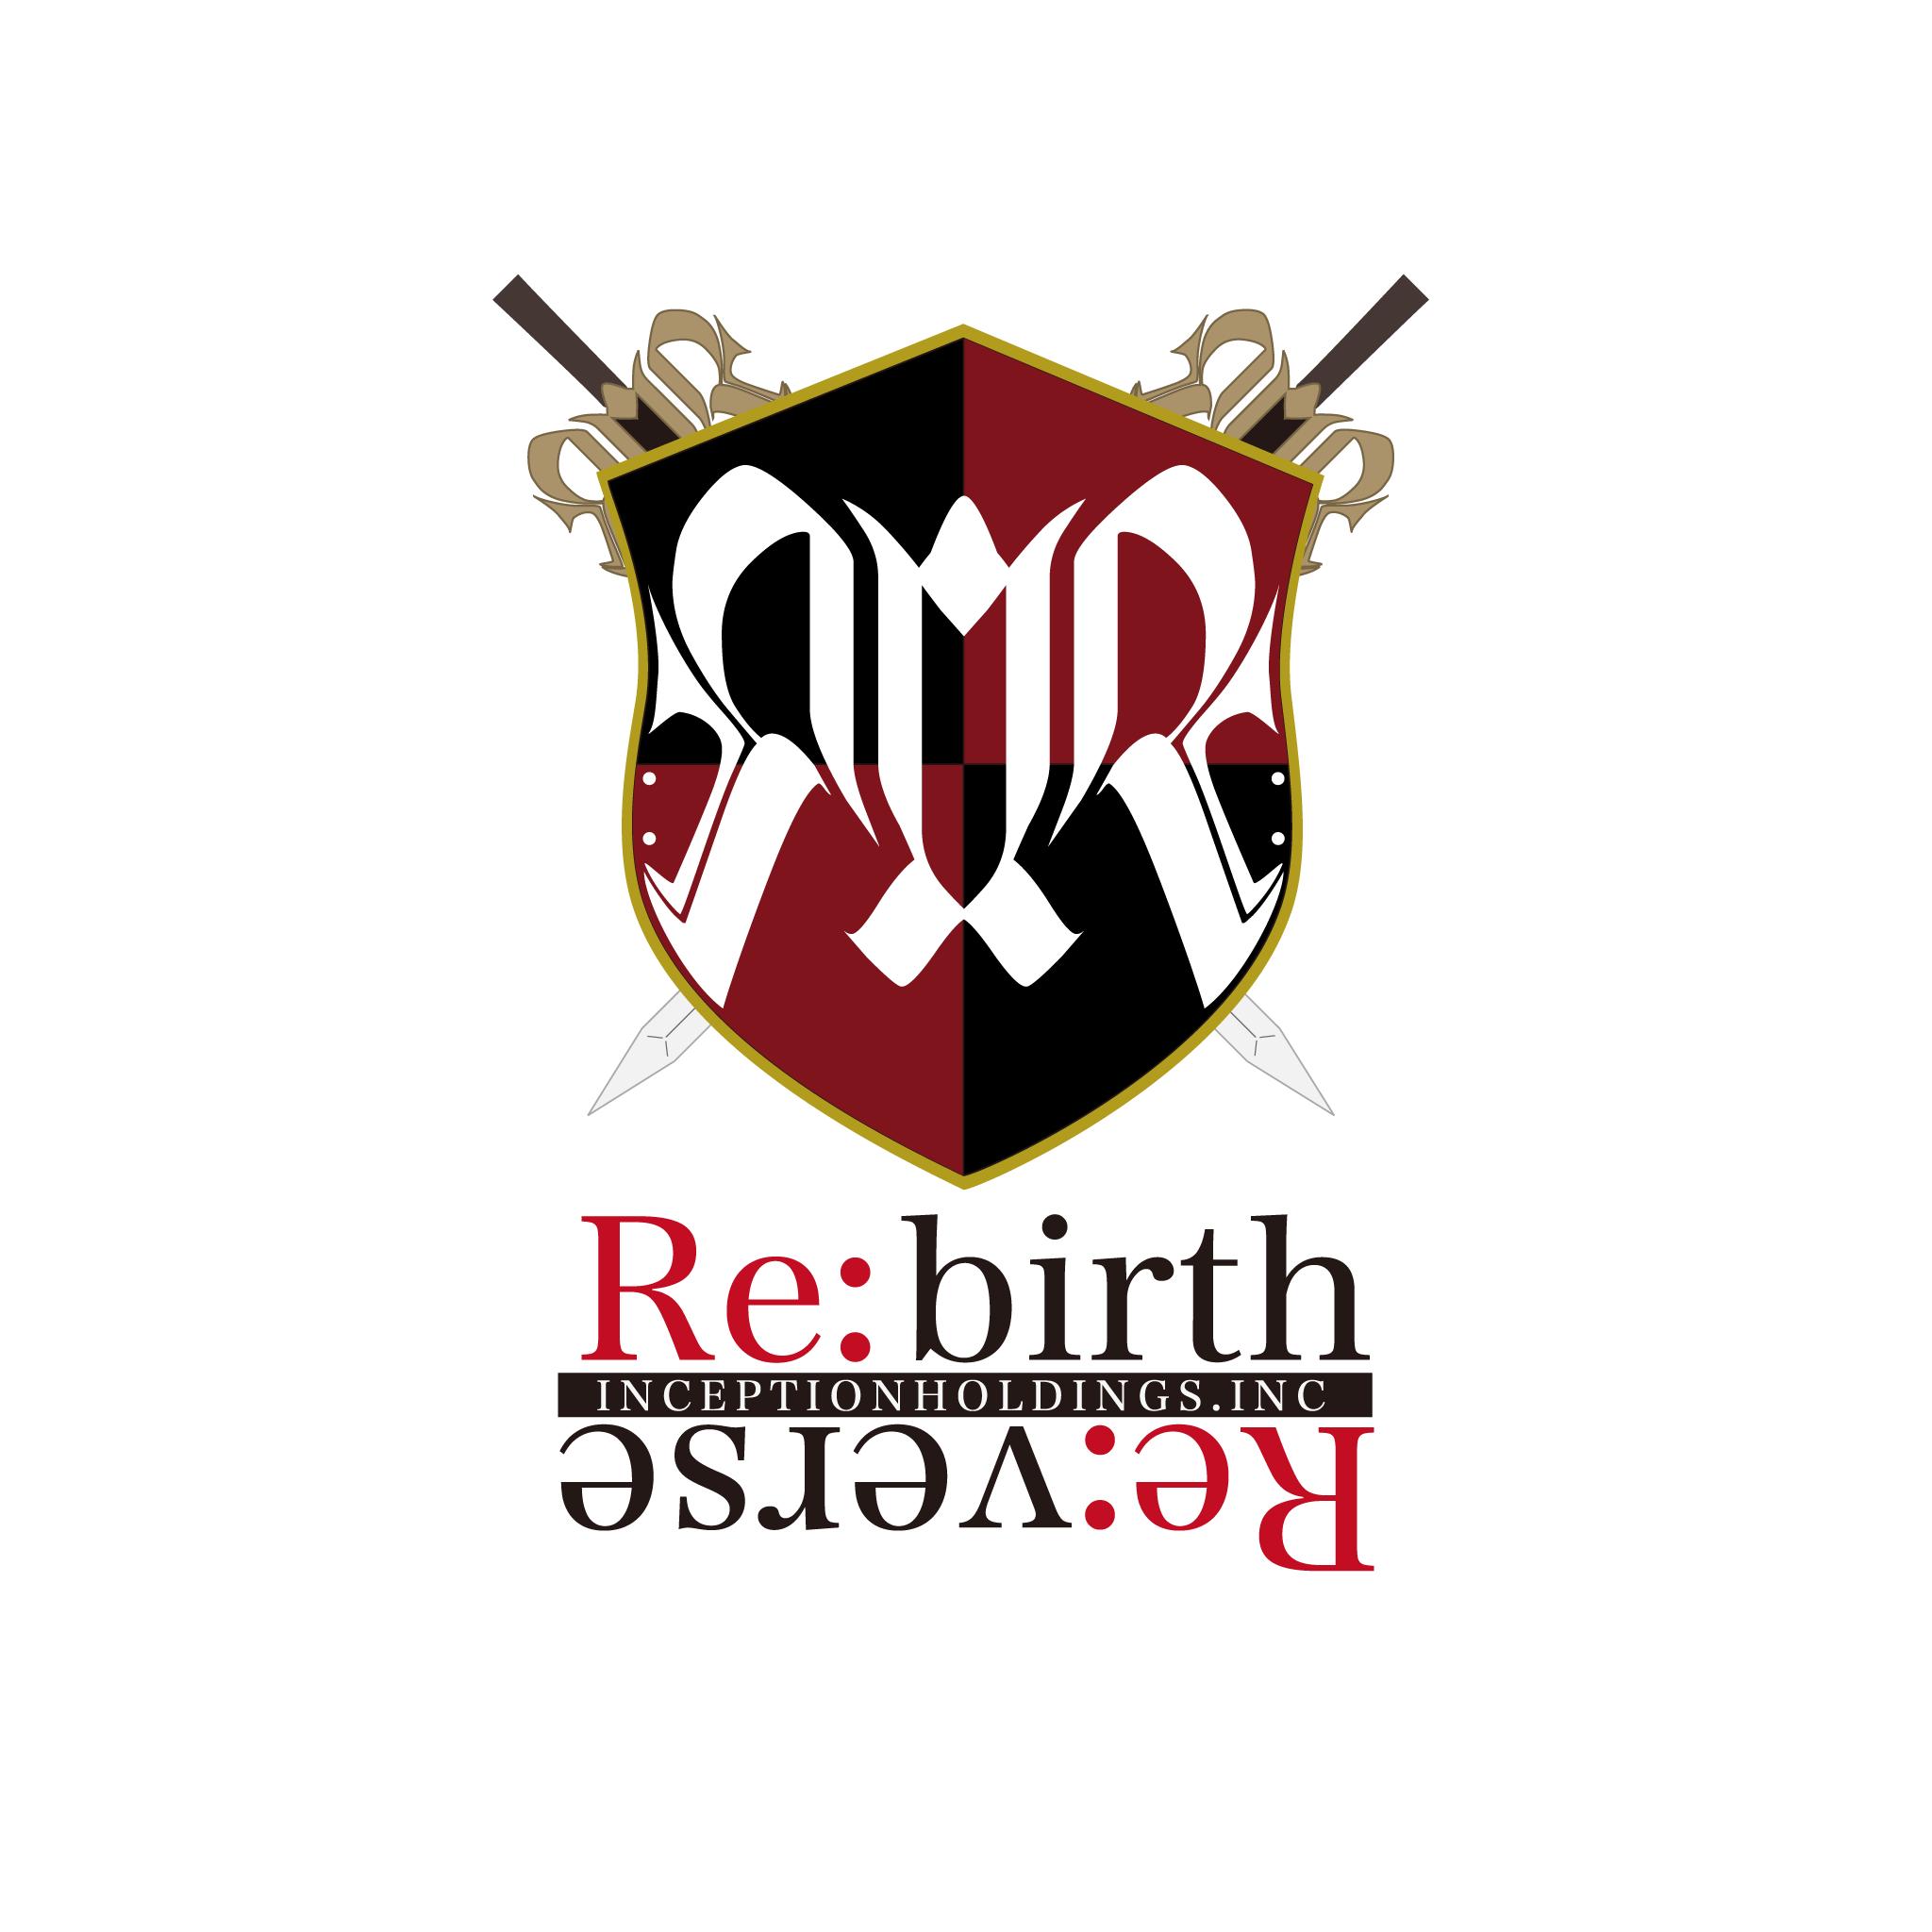 デザインコンサルティング部門【Re:birth】について考えた事